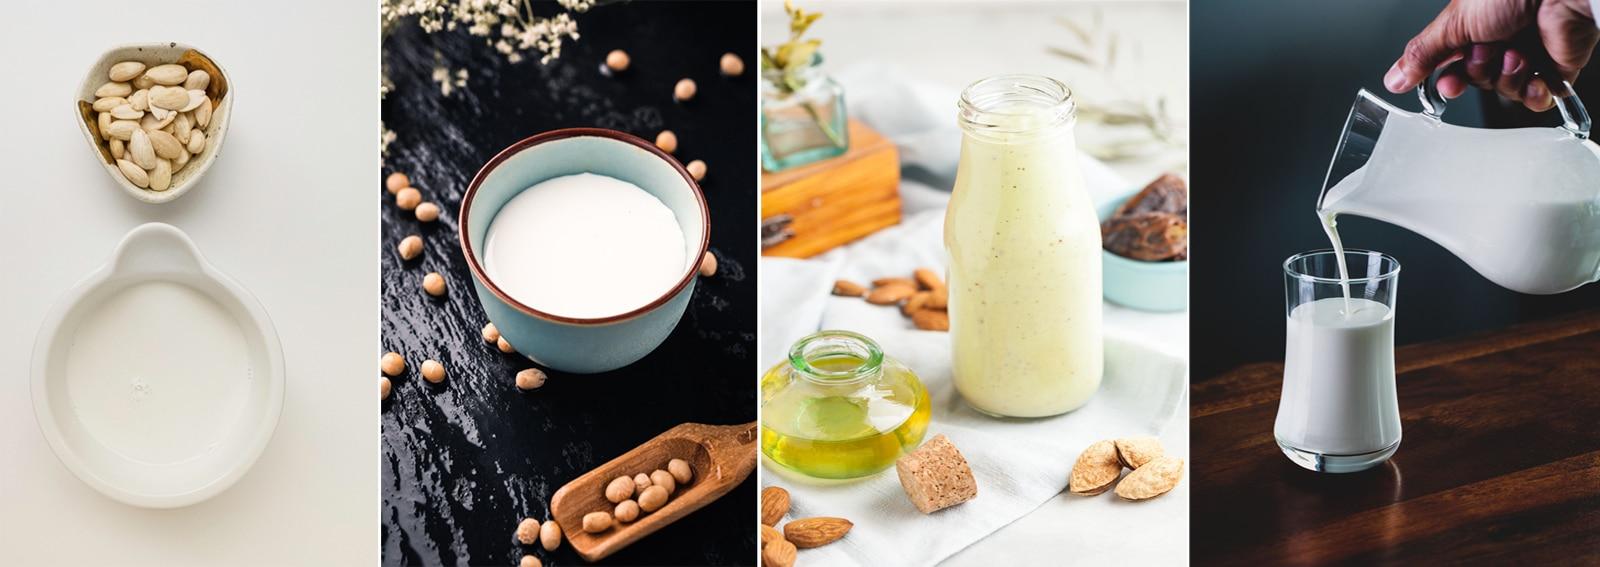 visore-latte-vegetale-desk